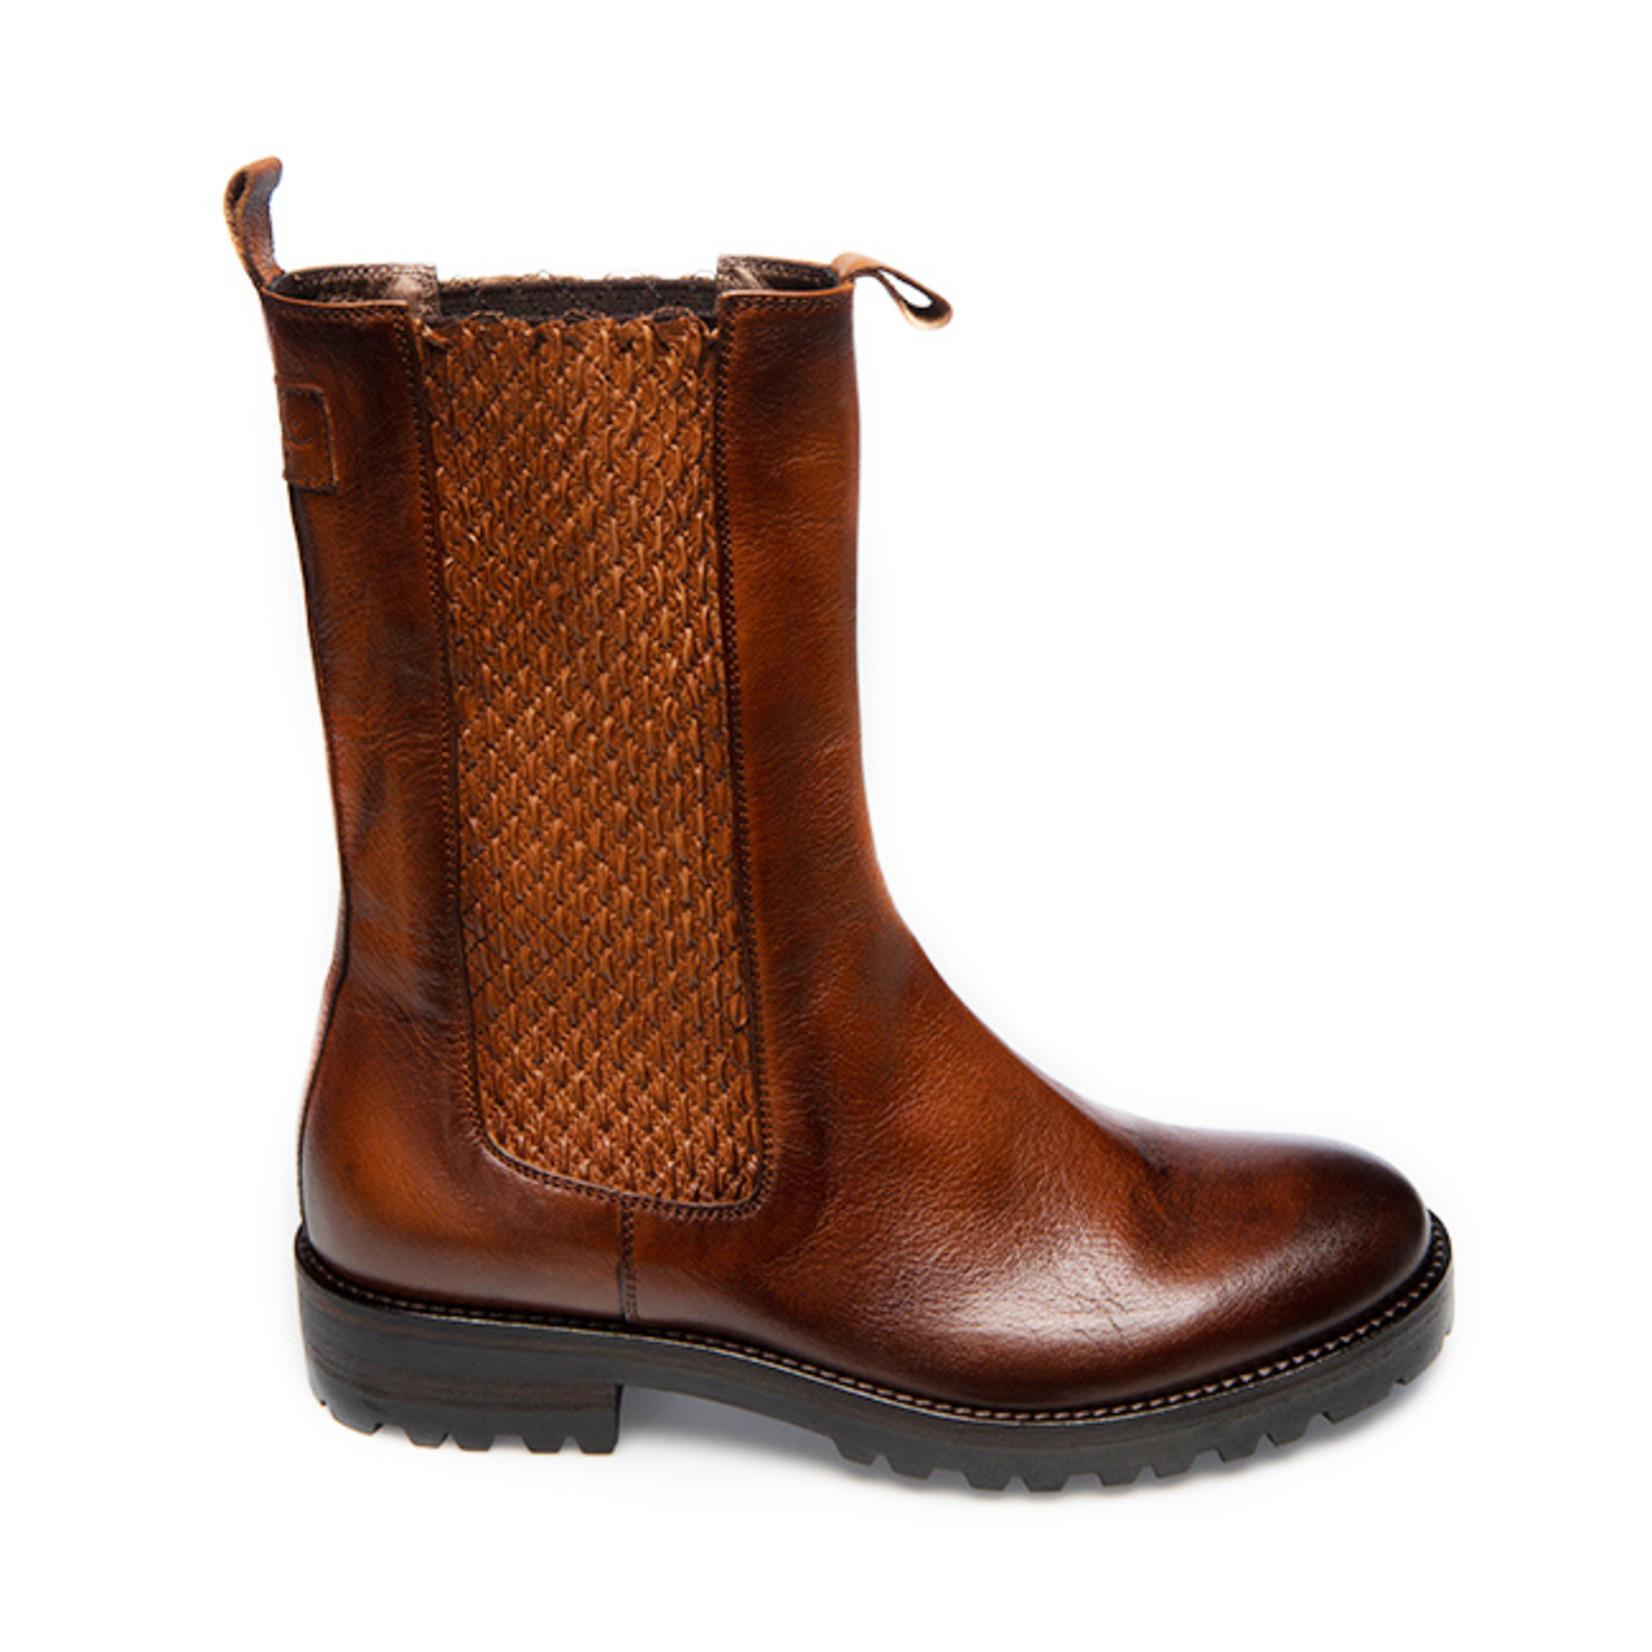 Corvari Chelsea boot